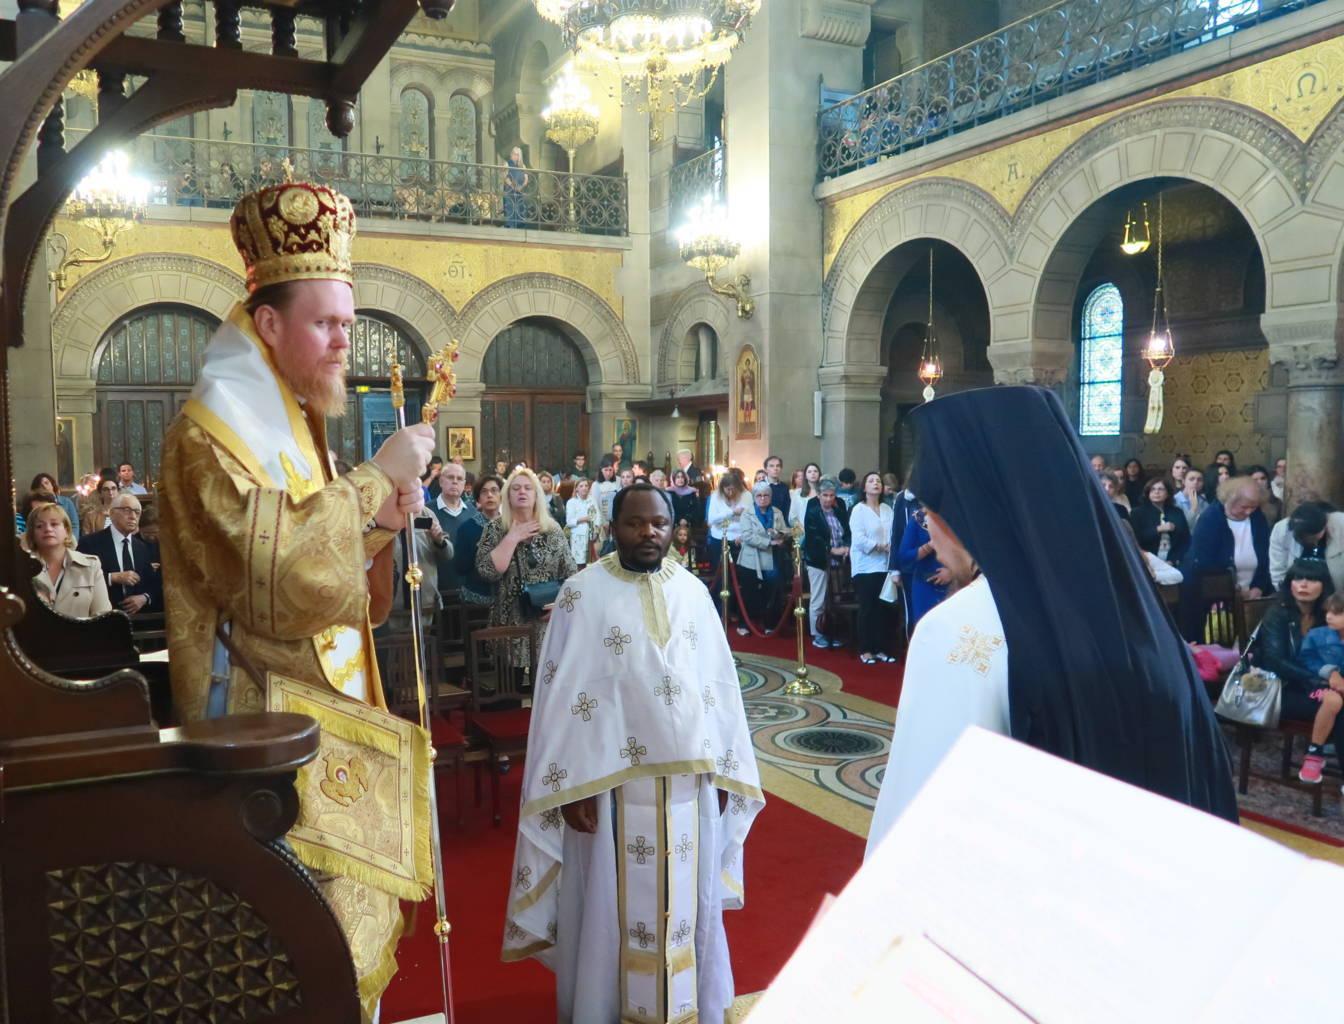 IMG 3336 - Ο Αρχιεπίσκοπος Τσερνιχίβ κ. Ευστράτιος στο Παρίσι